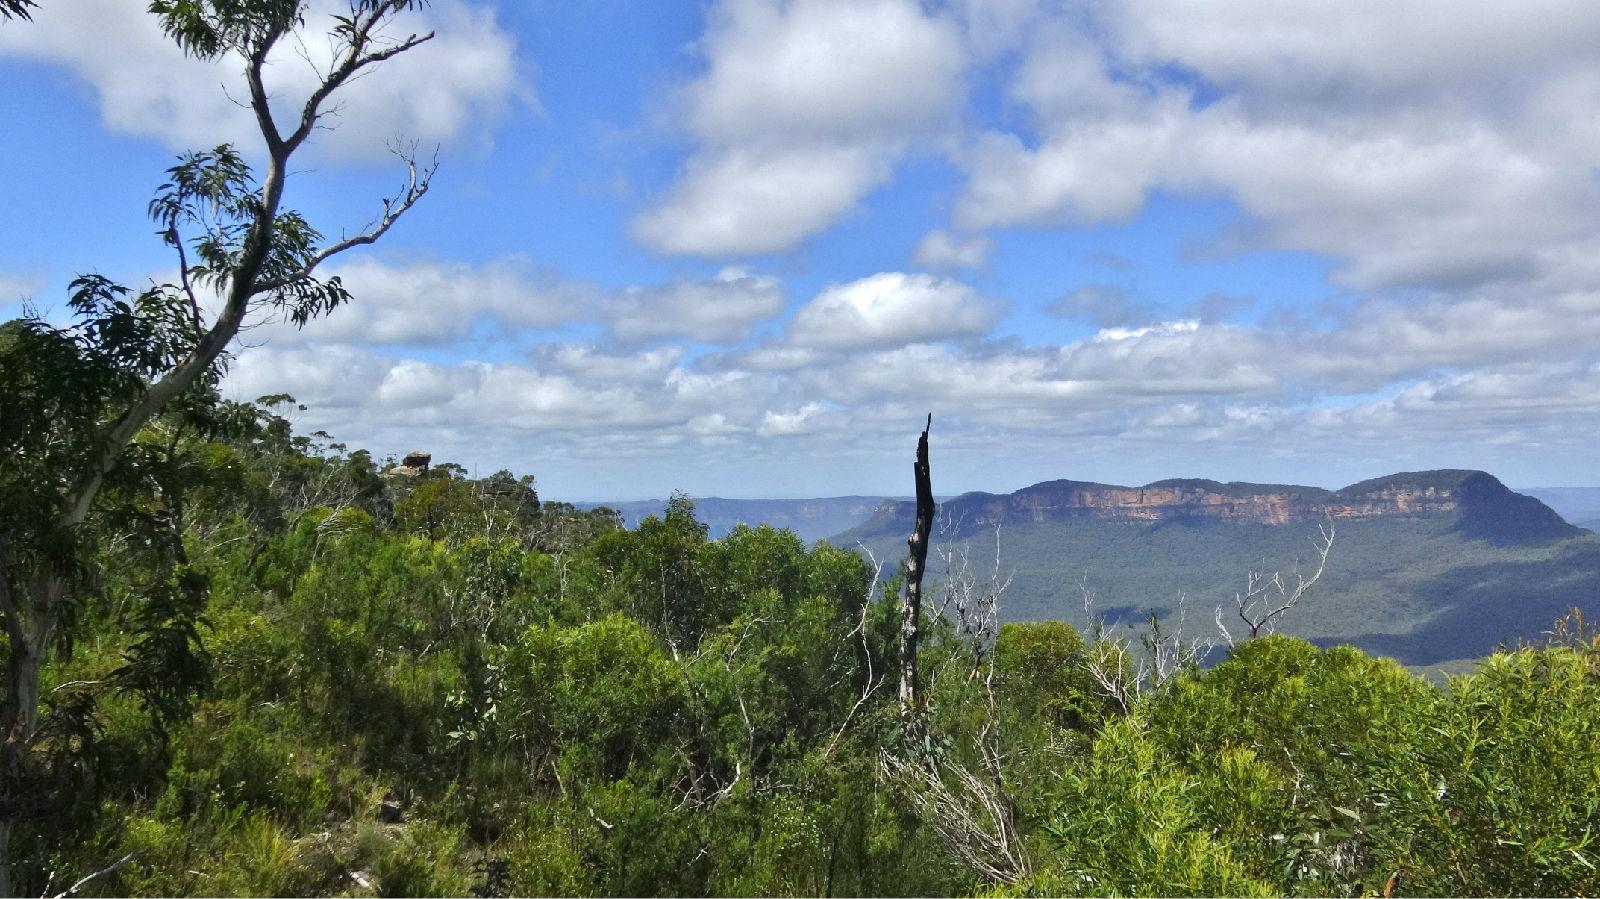 澳大利亚旅游攻略图片406